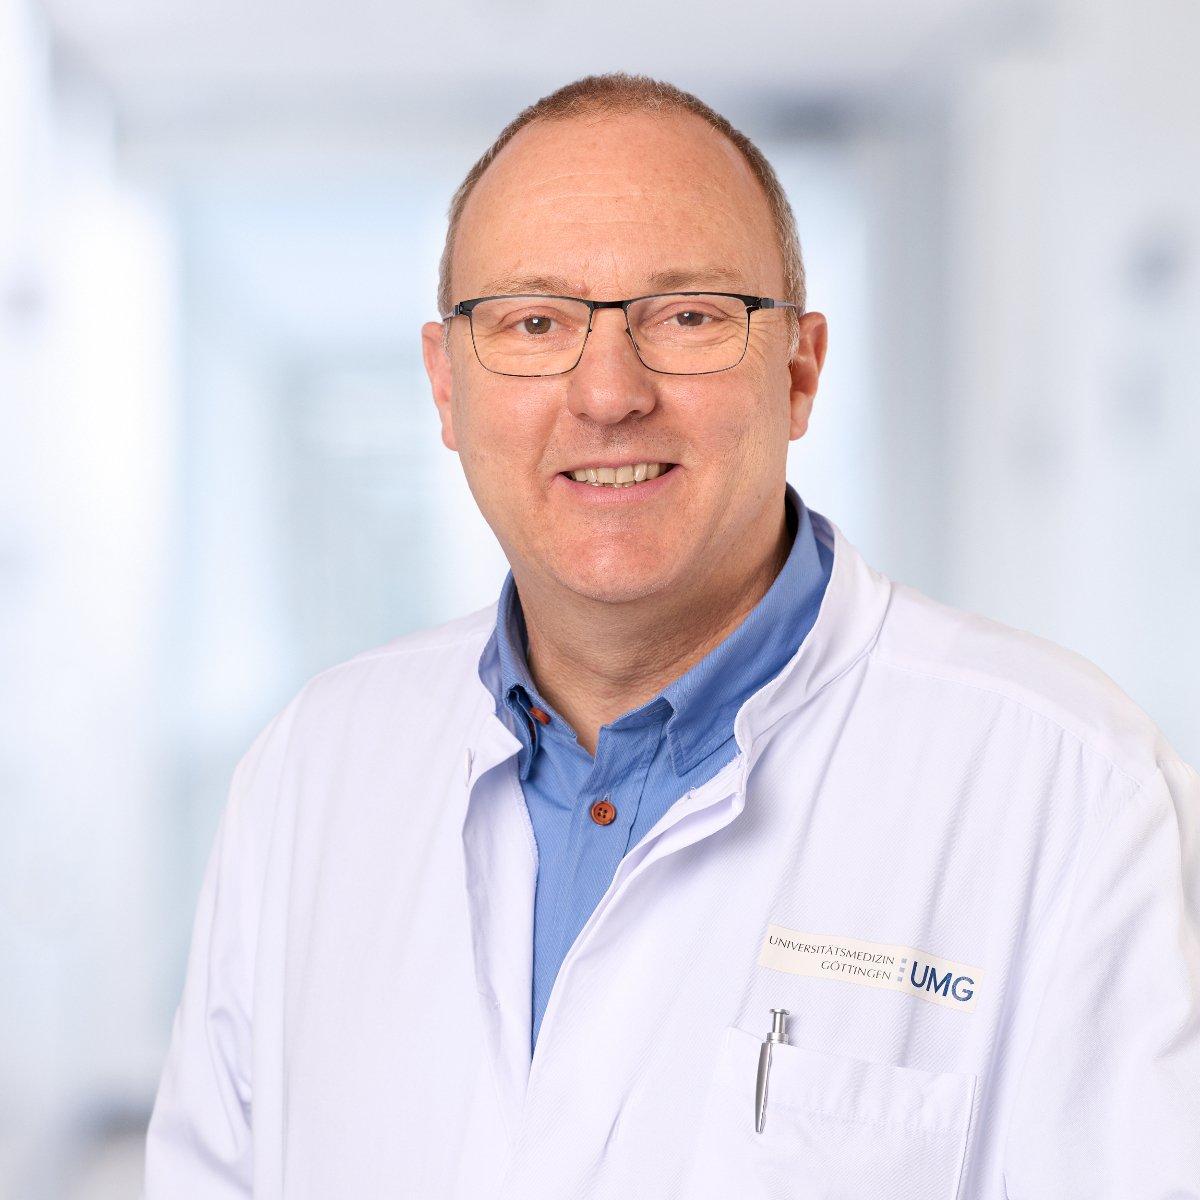 Prof. Dr. med. Frank Petzke